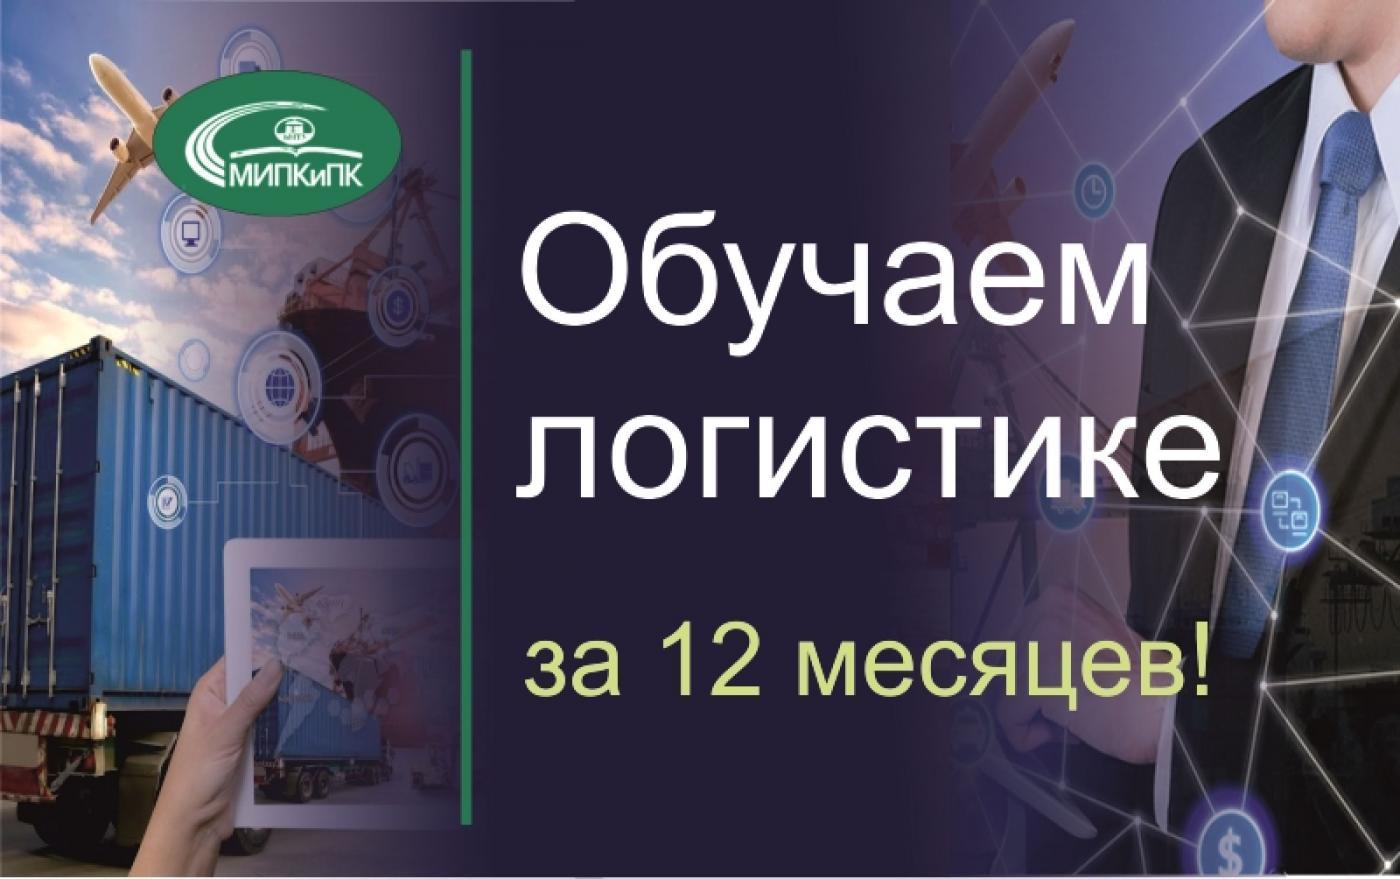 МИПК и ПК объявляет розыск слушателей на переподготовку по специальности «Логистика»